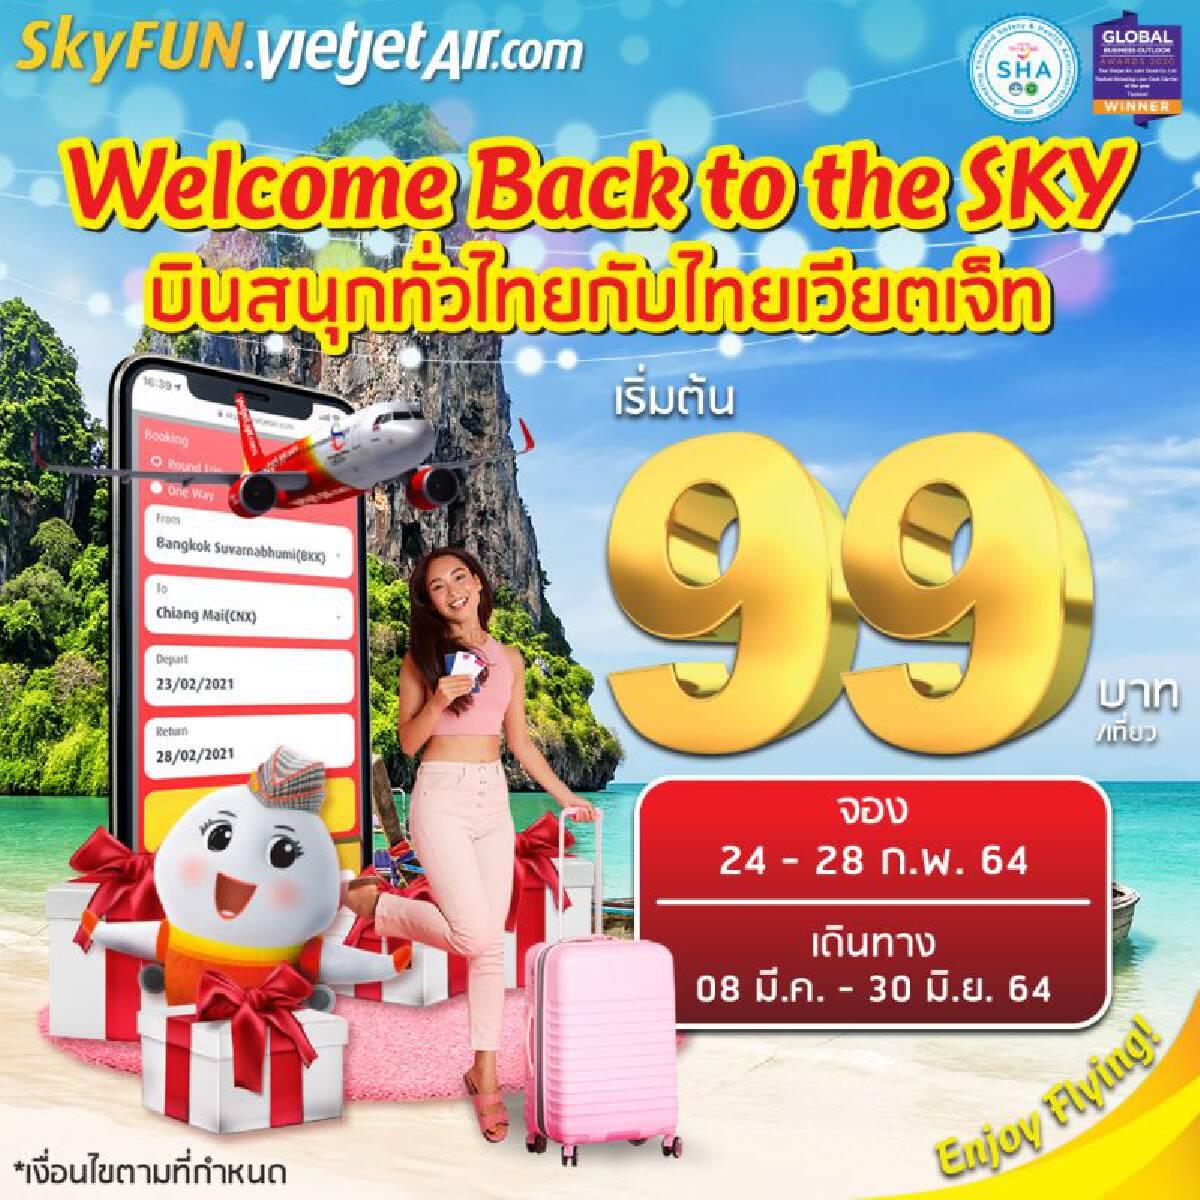 บินทั่วไทยกับไทยเวียตเจ็ท